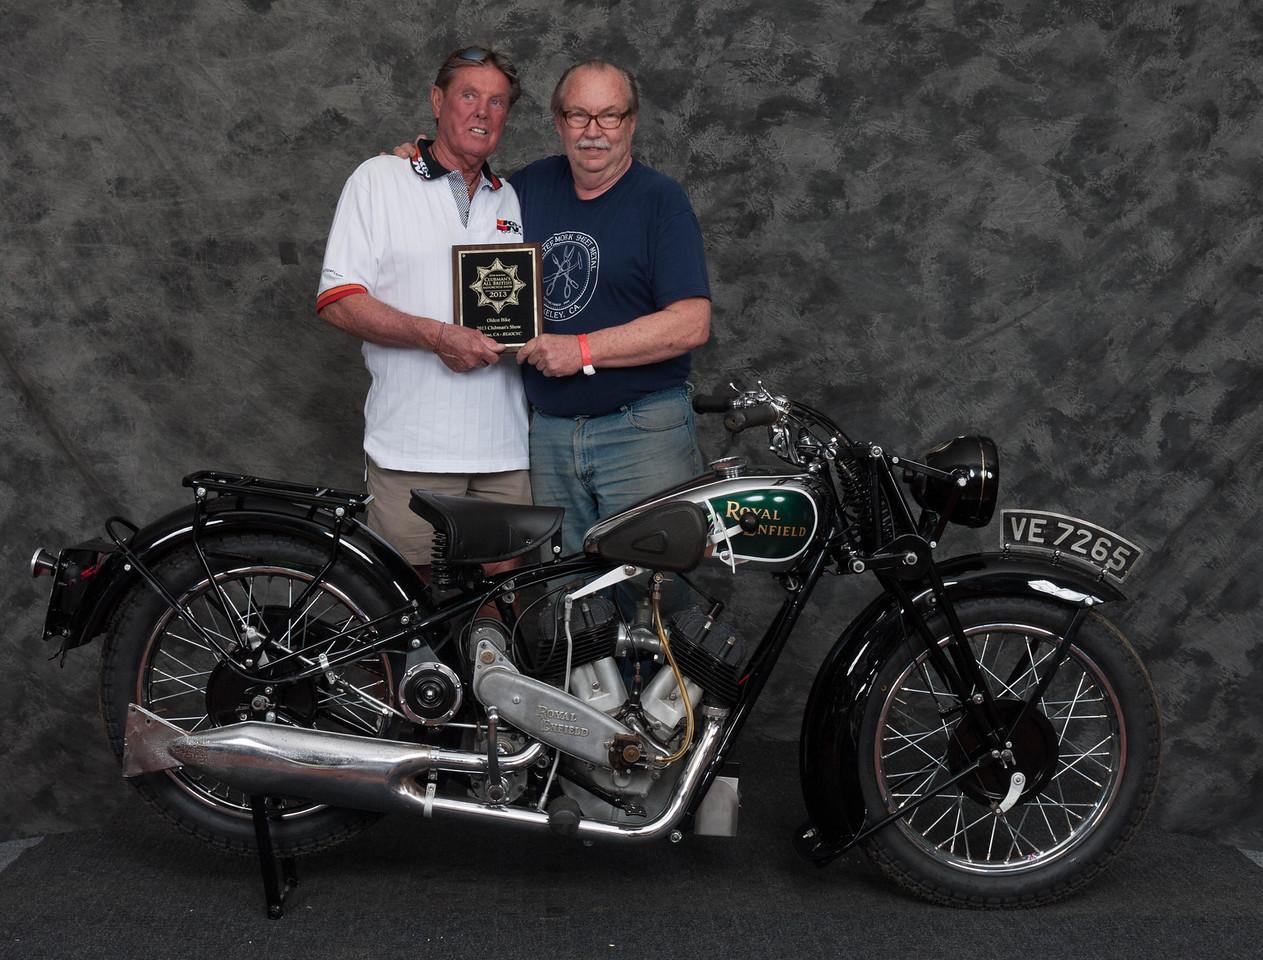 Fred Mork, Winner Oldest Bike Award - 1930 Royal Enfield K1 v-twin